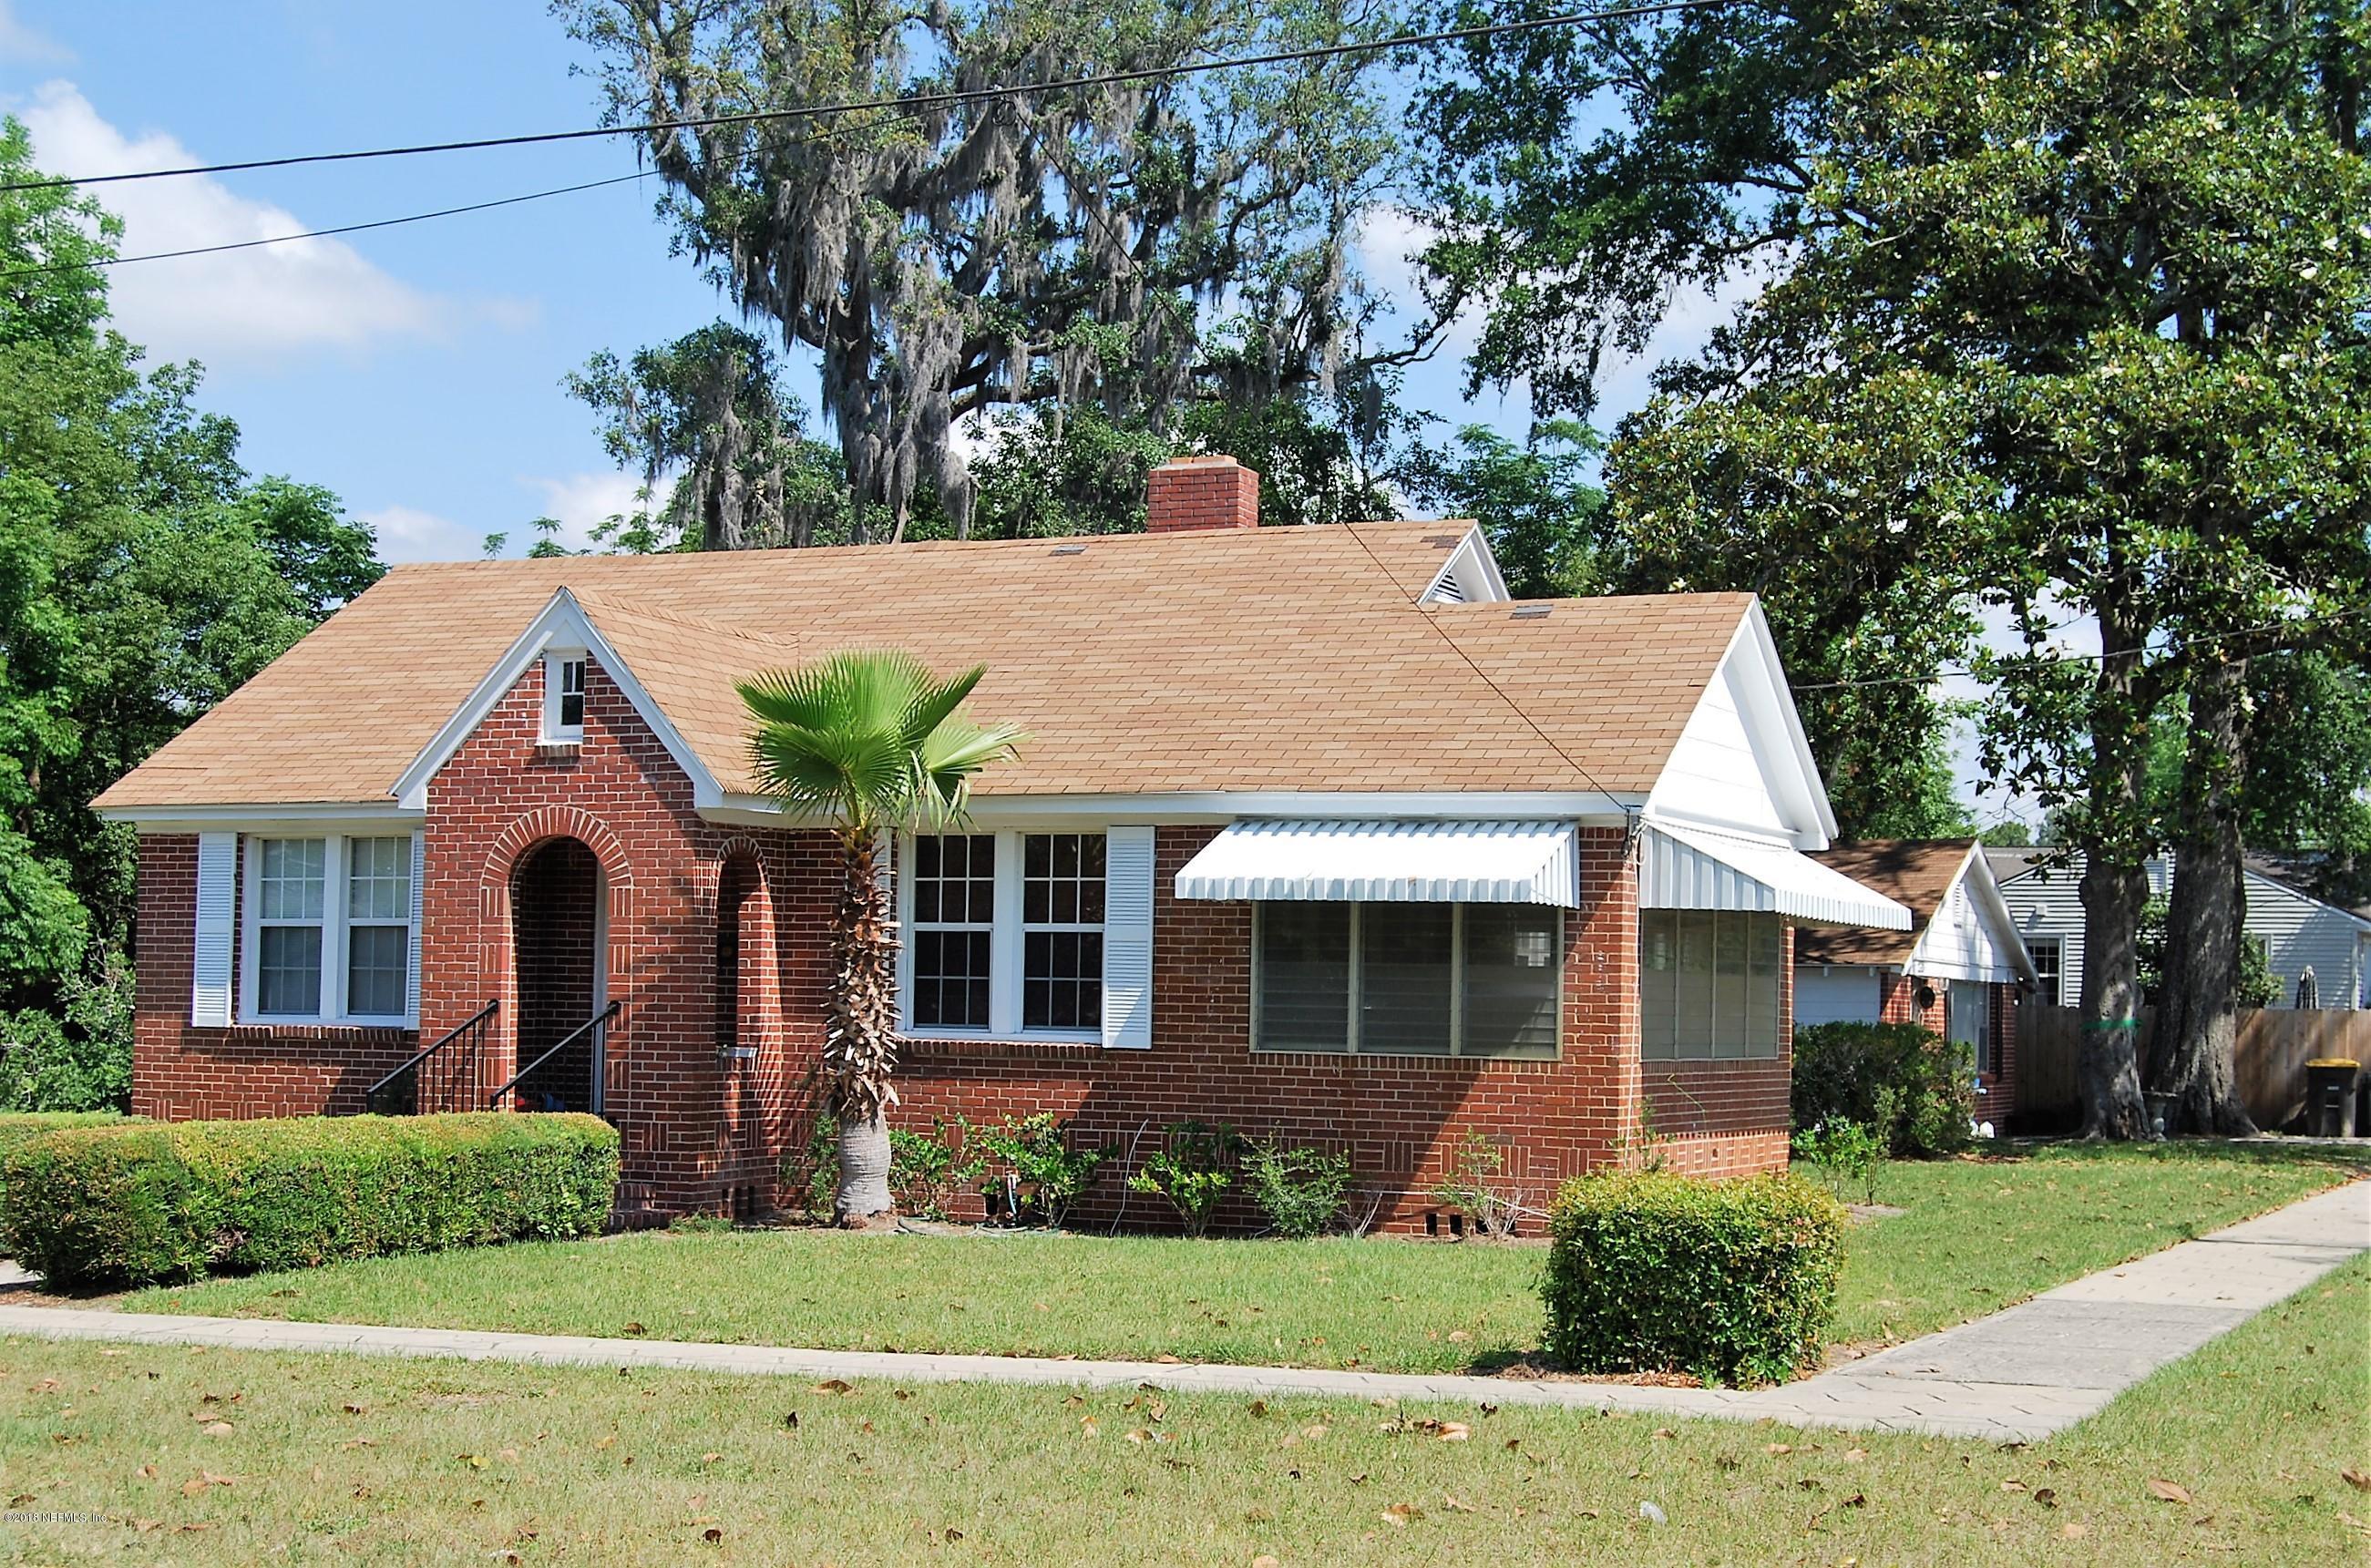 5101 BLACKBURN ST, JACKSONVILLE, FL 32210